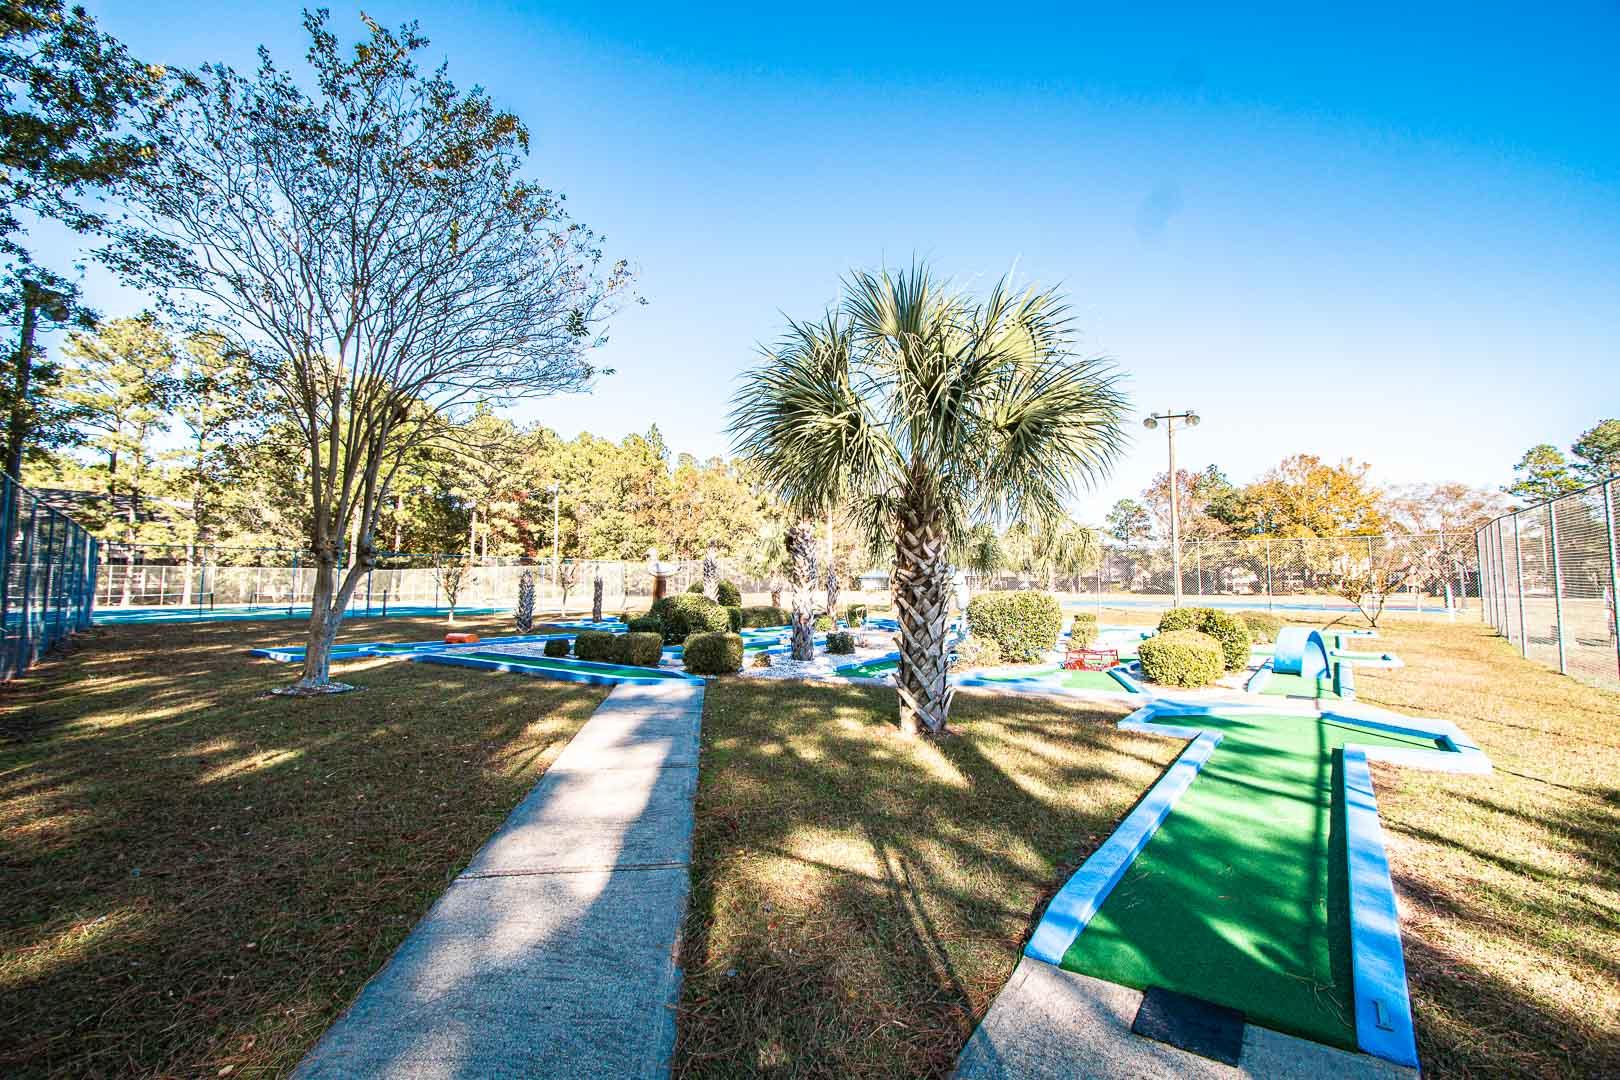 A colorful mini golf course at VRI's Sandcastle Village in New Bern, North Carolina.